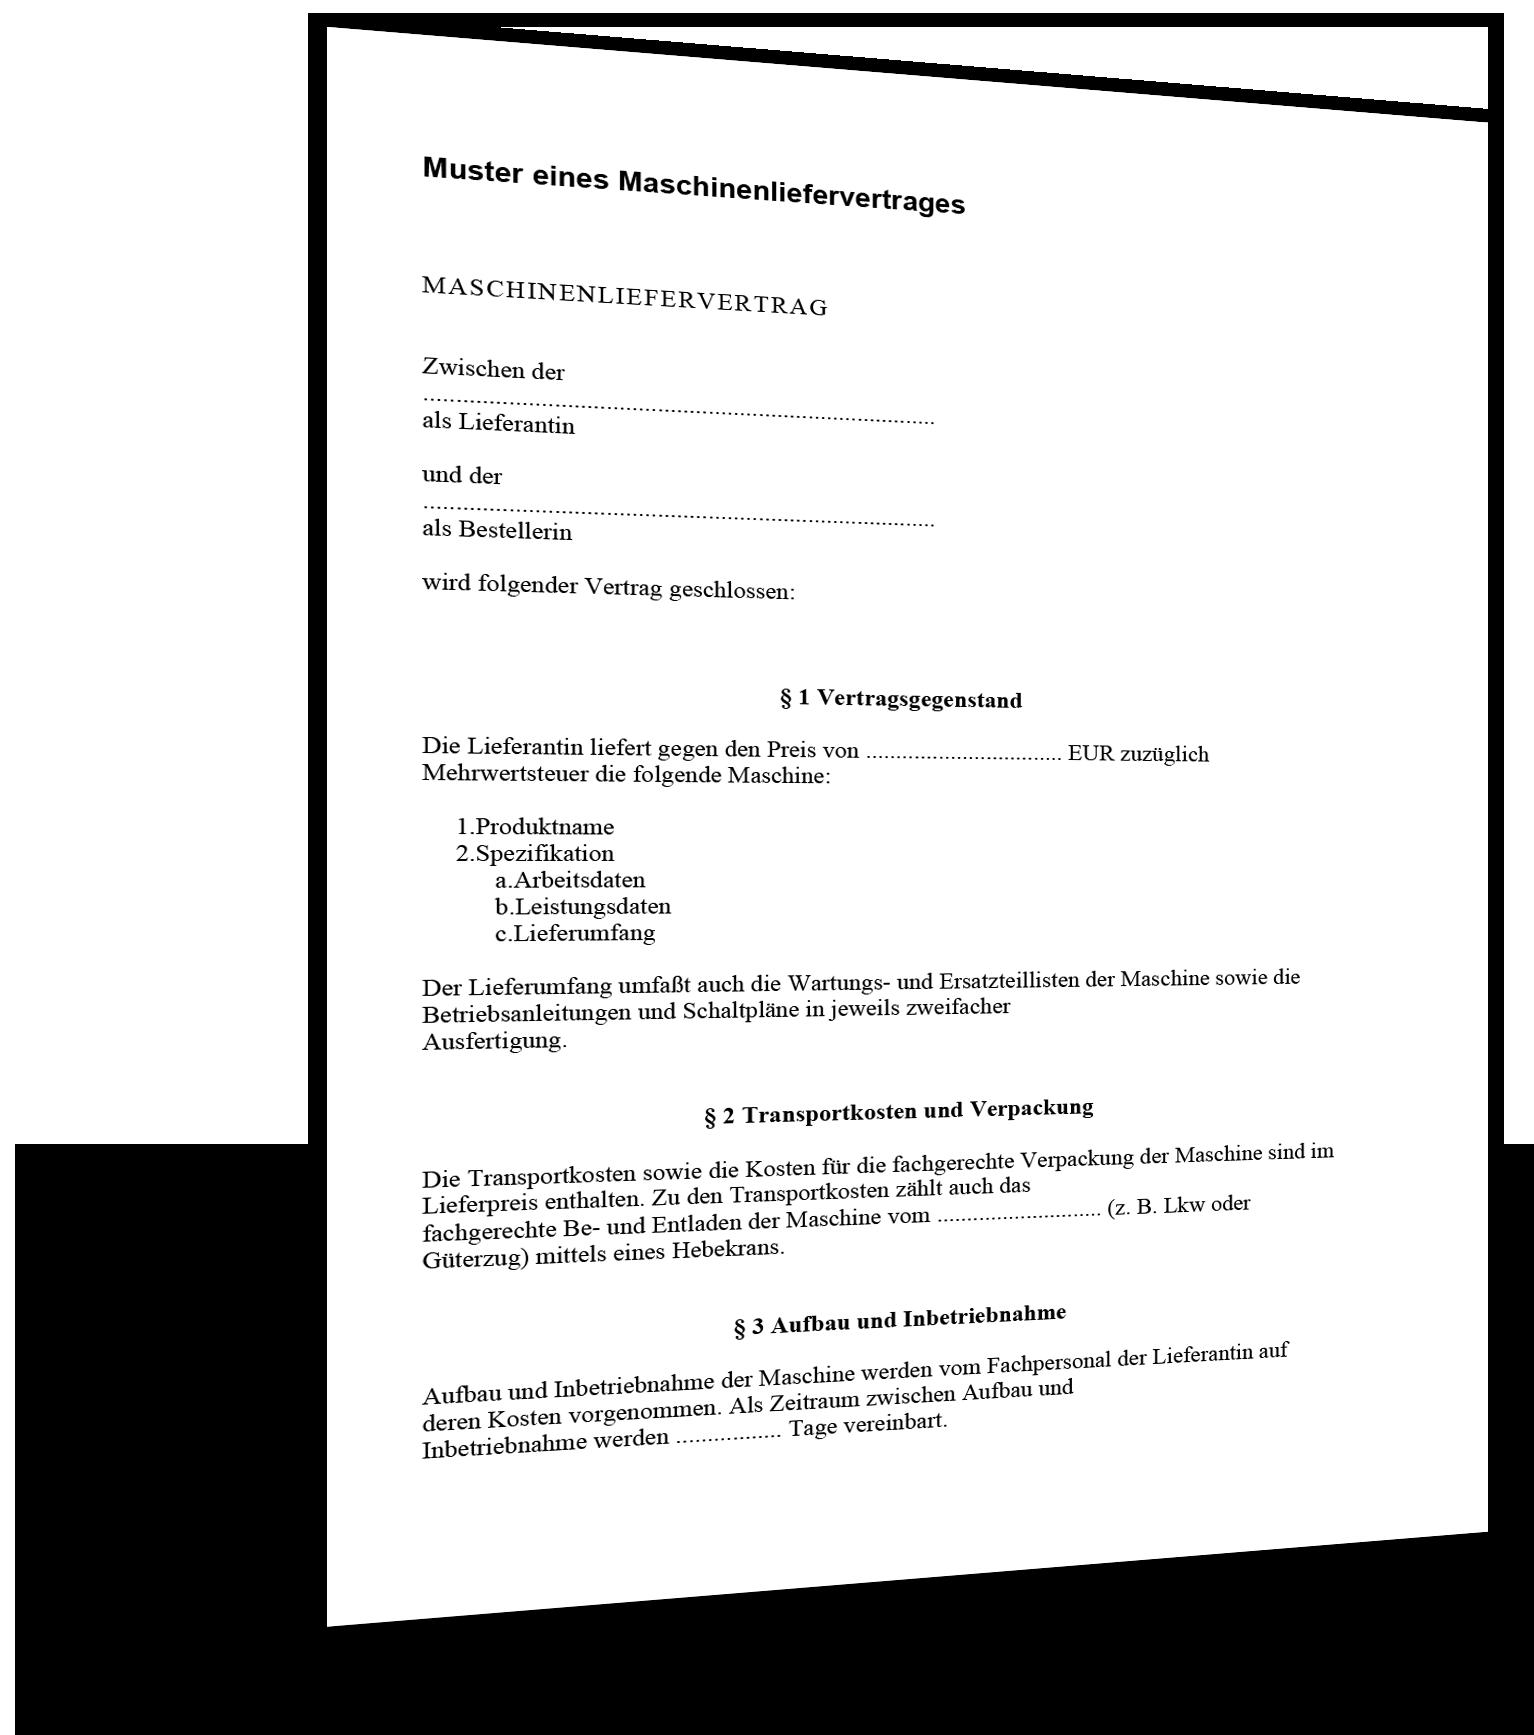 Muster eines Maschinenliefervertrages Standardvertraege.de